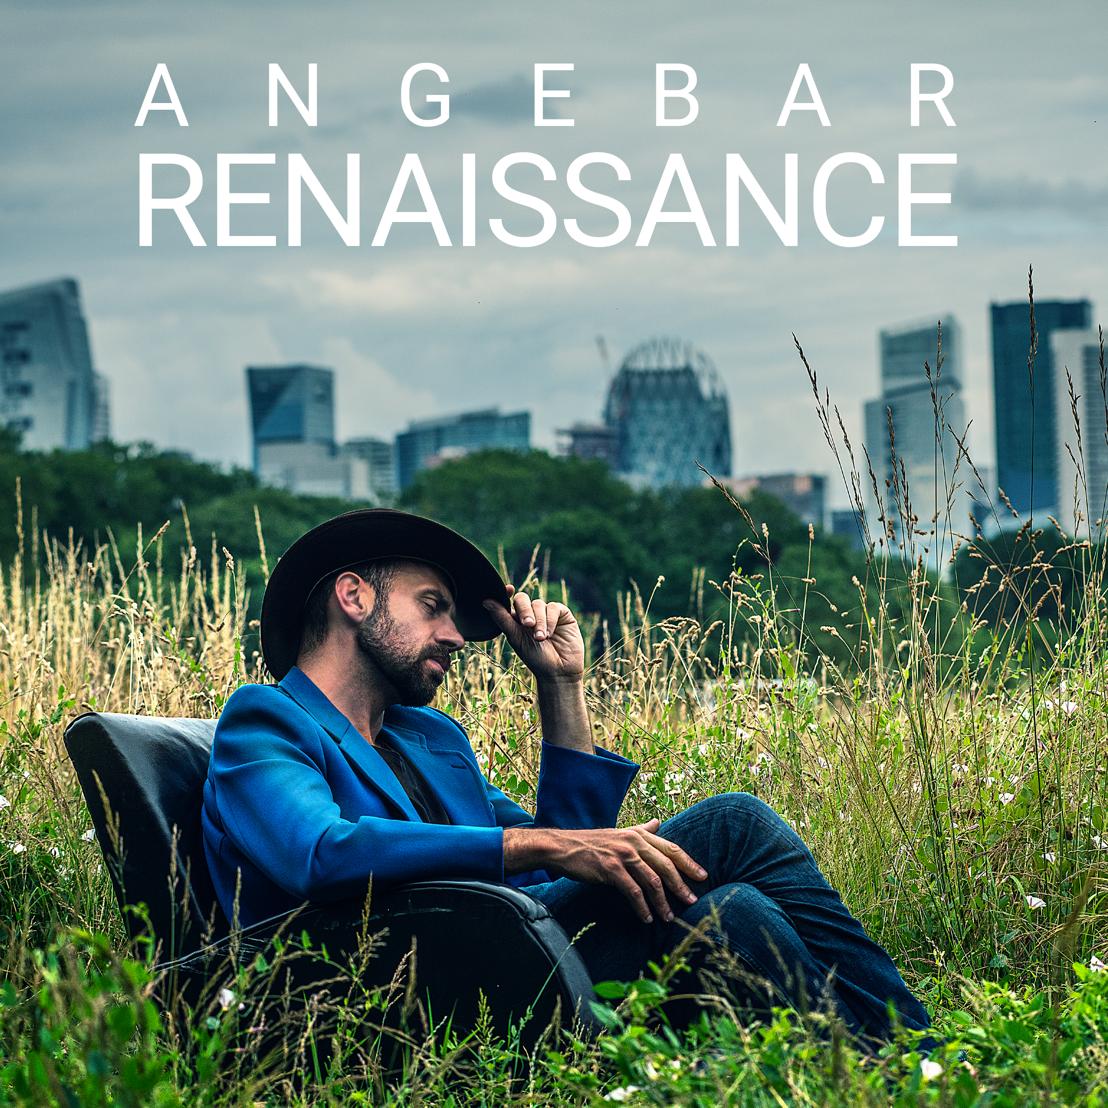 ANGEBAR, L'EP DE LA RENAISSANCE.